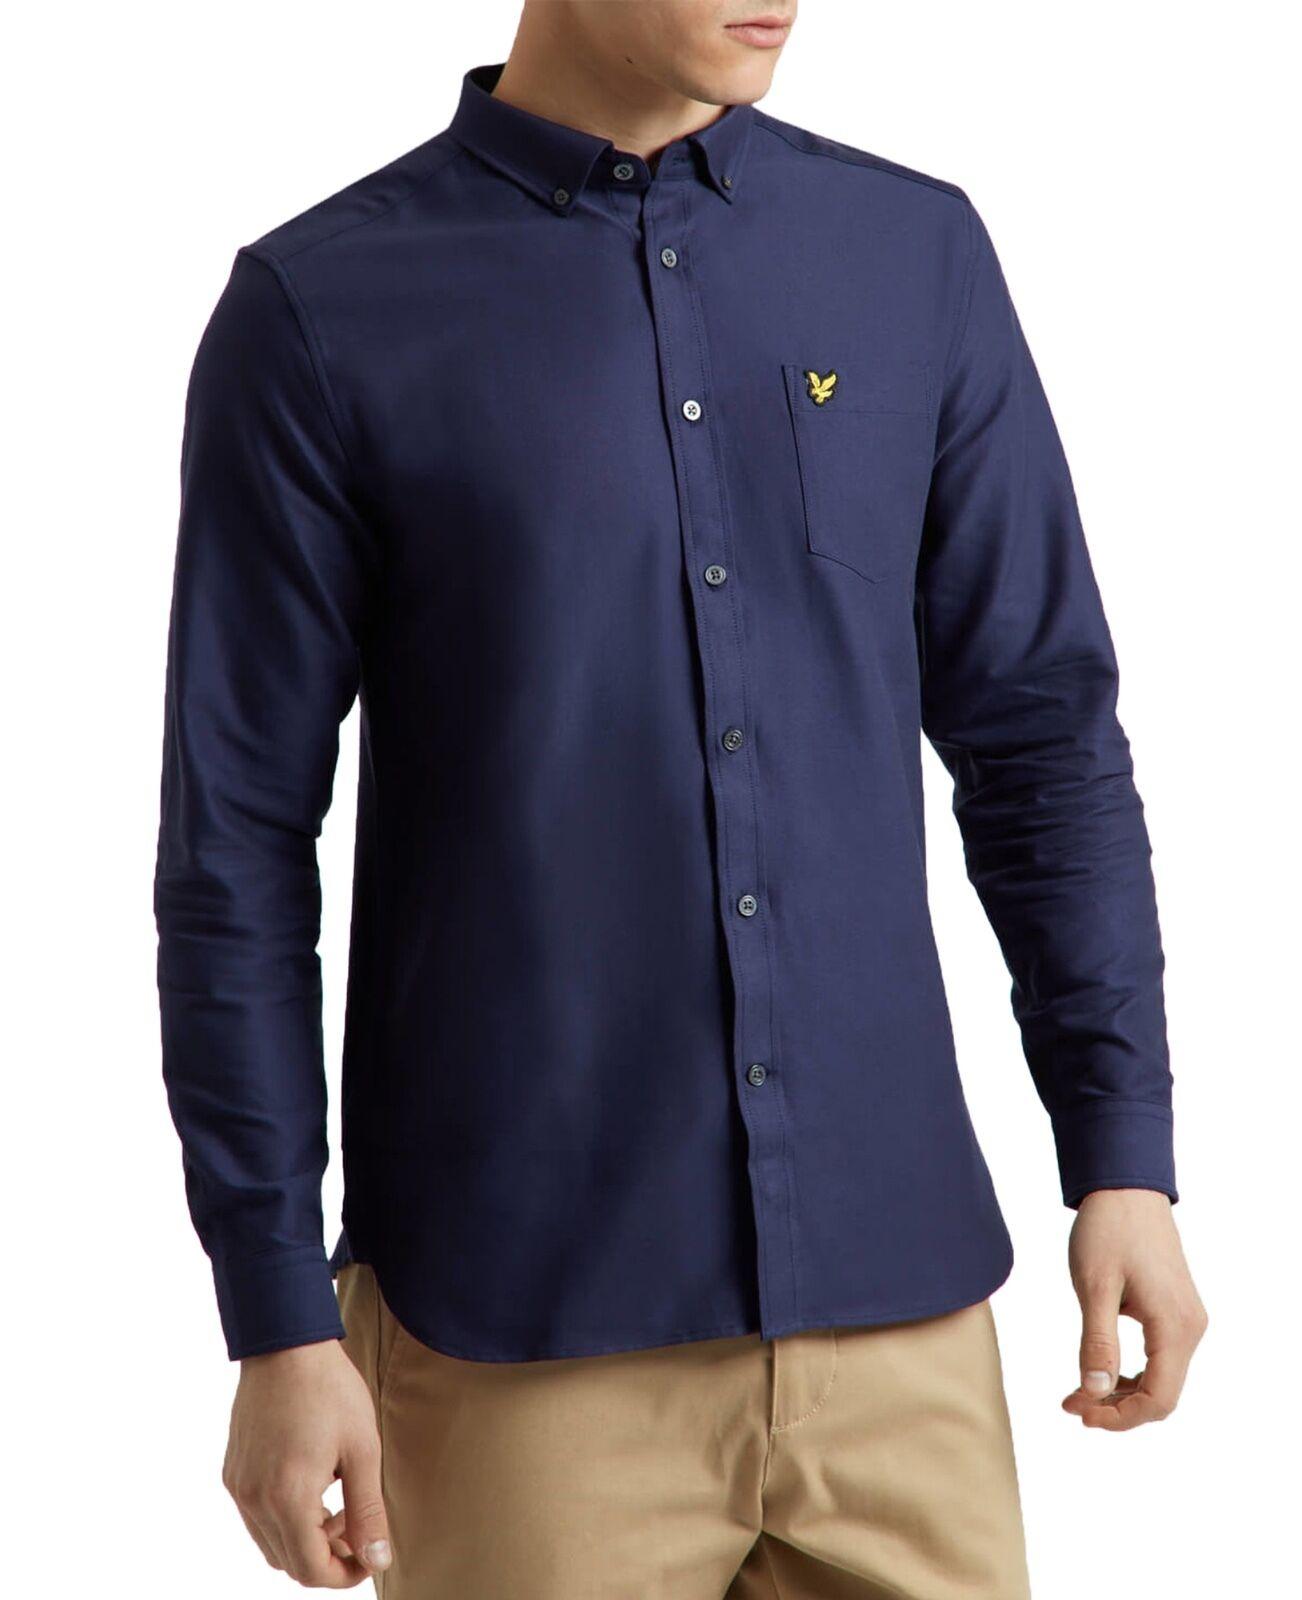 Lyle & Scott Cotton Oxford Shirt Regular Long Sleeve Button Down Collar Navy